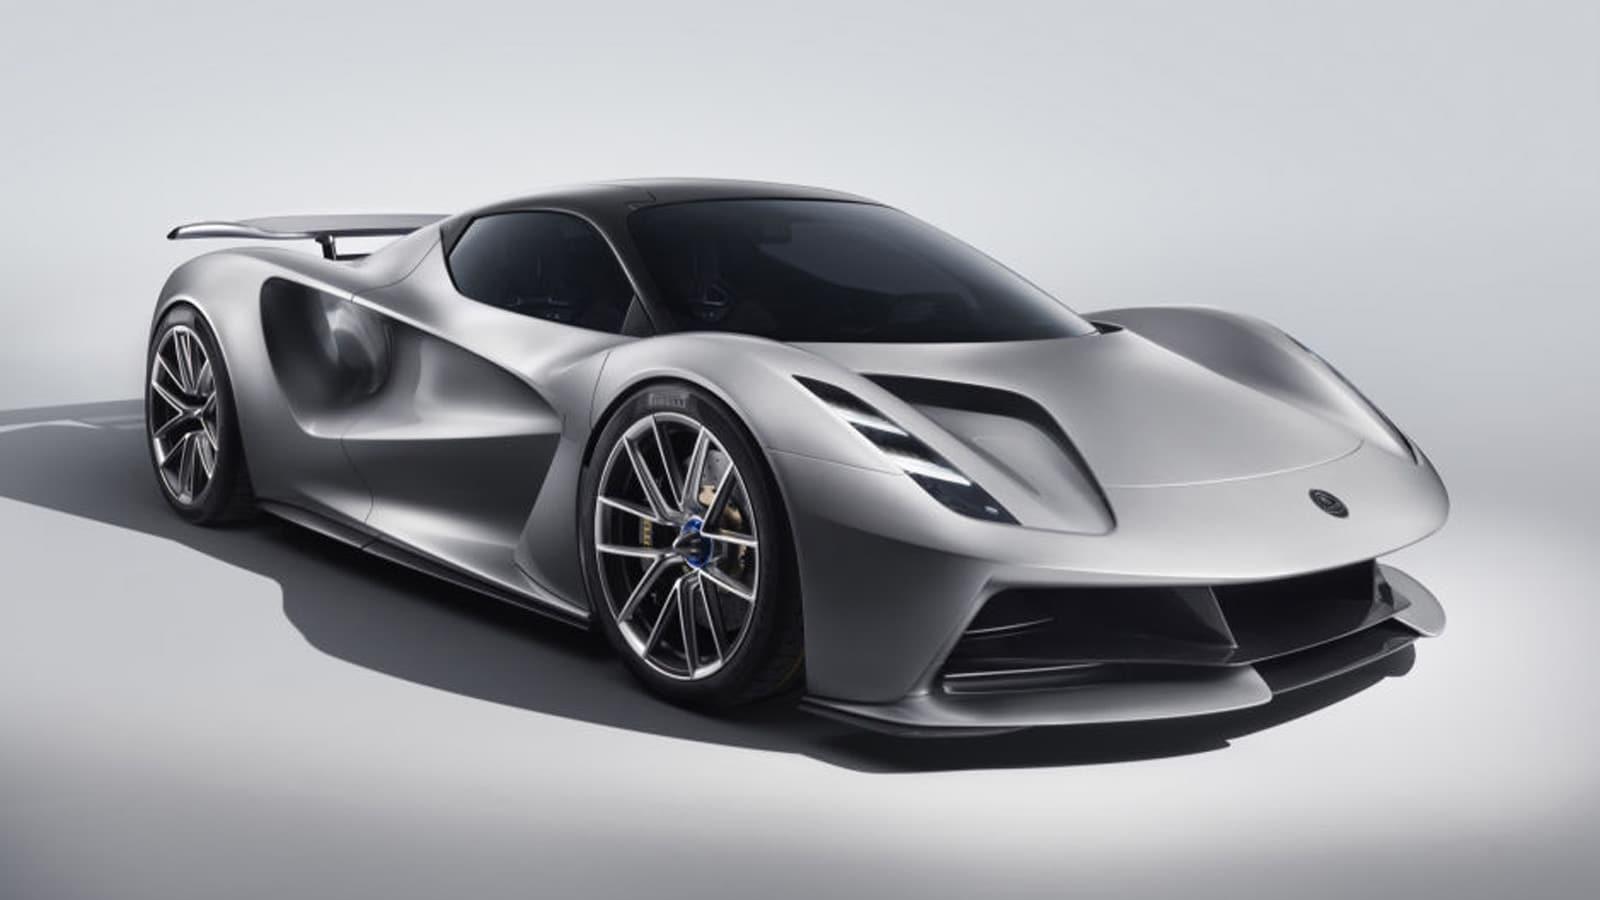 2021 Lotus Evija in grey